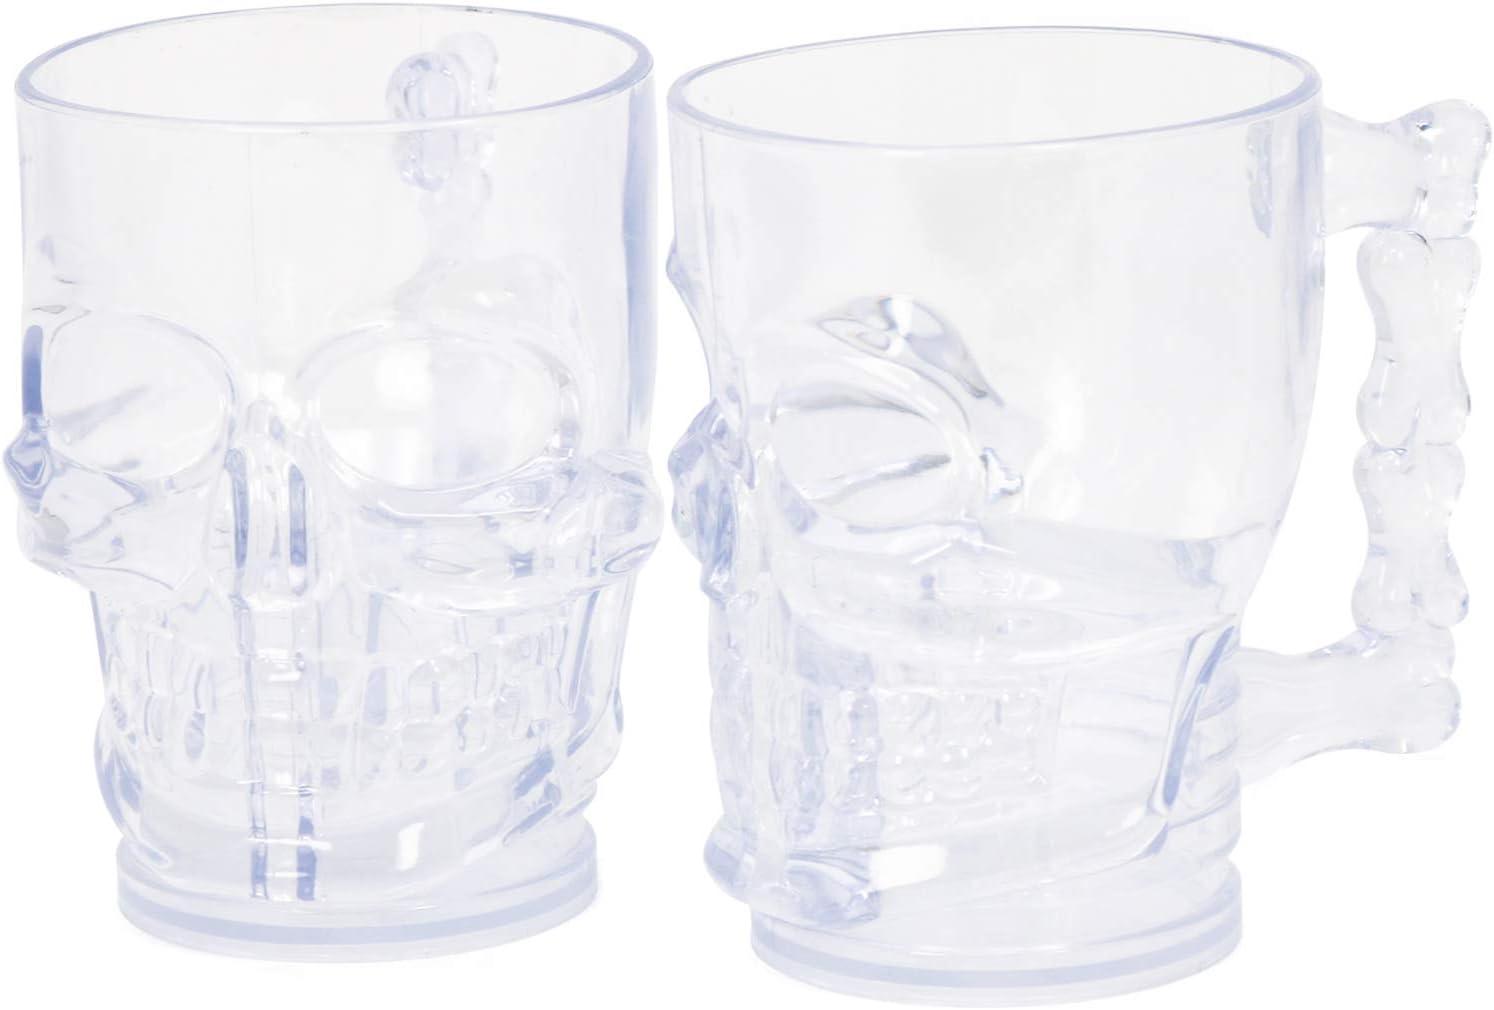 COM-FOUR® 2x Skull Mug - Vaso de plástico resistente para Halloween, cumpleaños o como utensilios de fiesta (2 piezas - taza para beber)